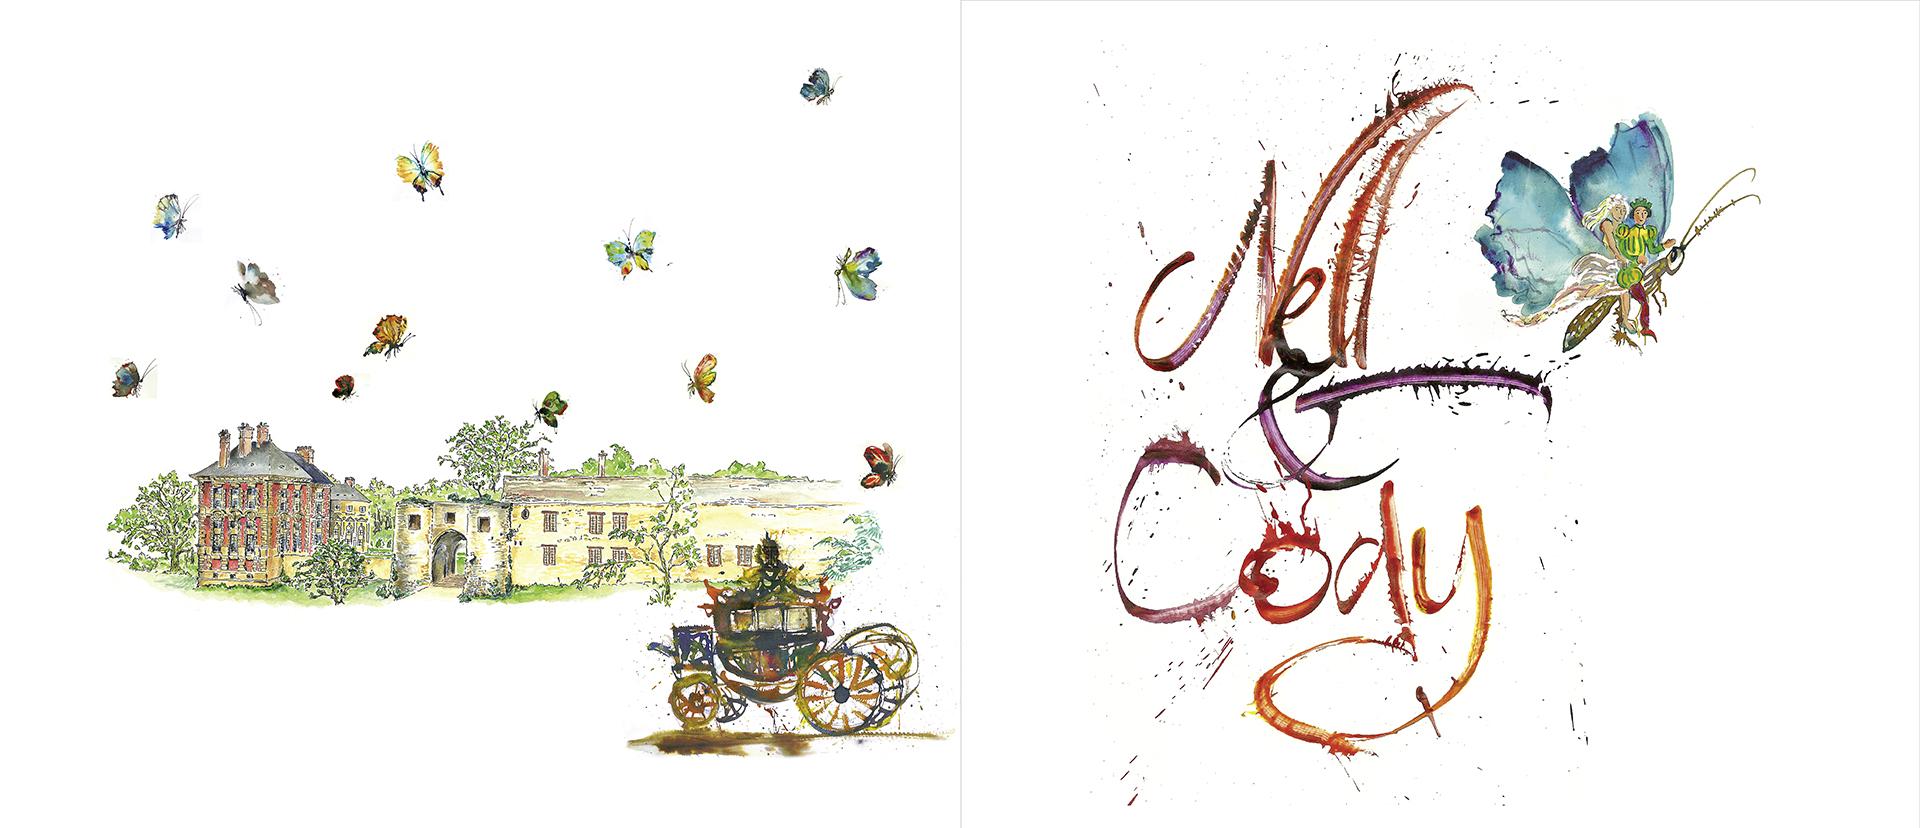 faire-part calligraphié par Jean-Jacques Grand pour un mariage à Vallery